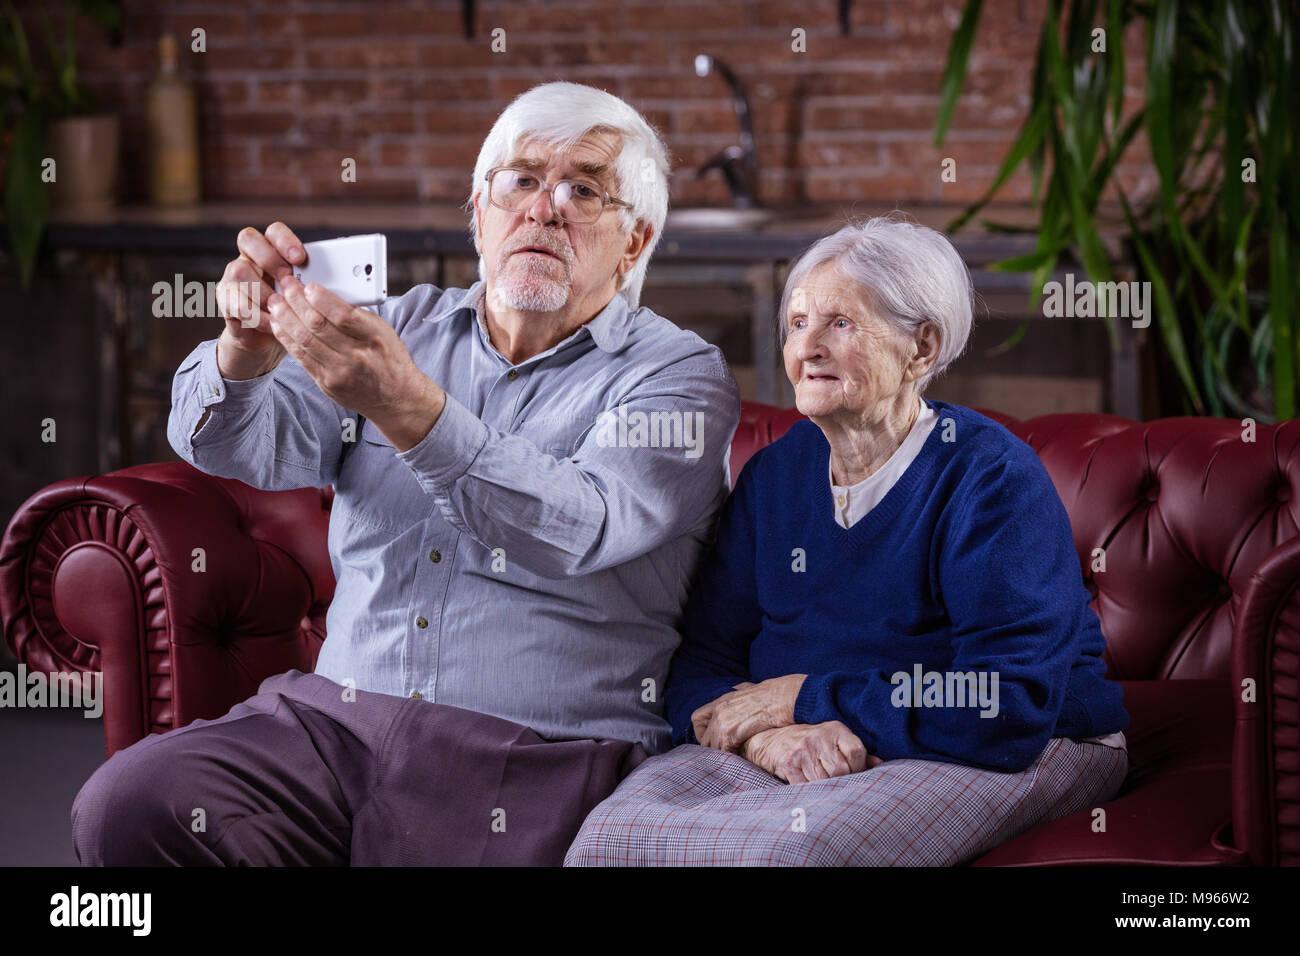 Coppia senior tenendo selfie su smart phone comodamente seduti sul divano di casa Immagini Stock